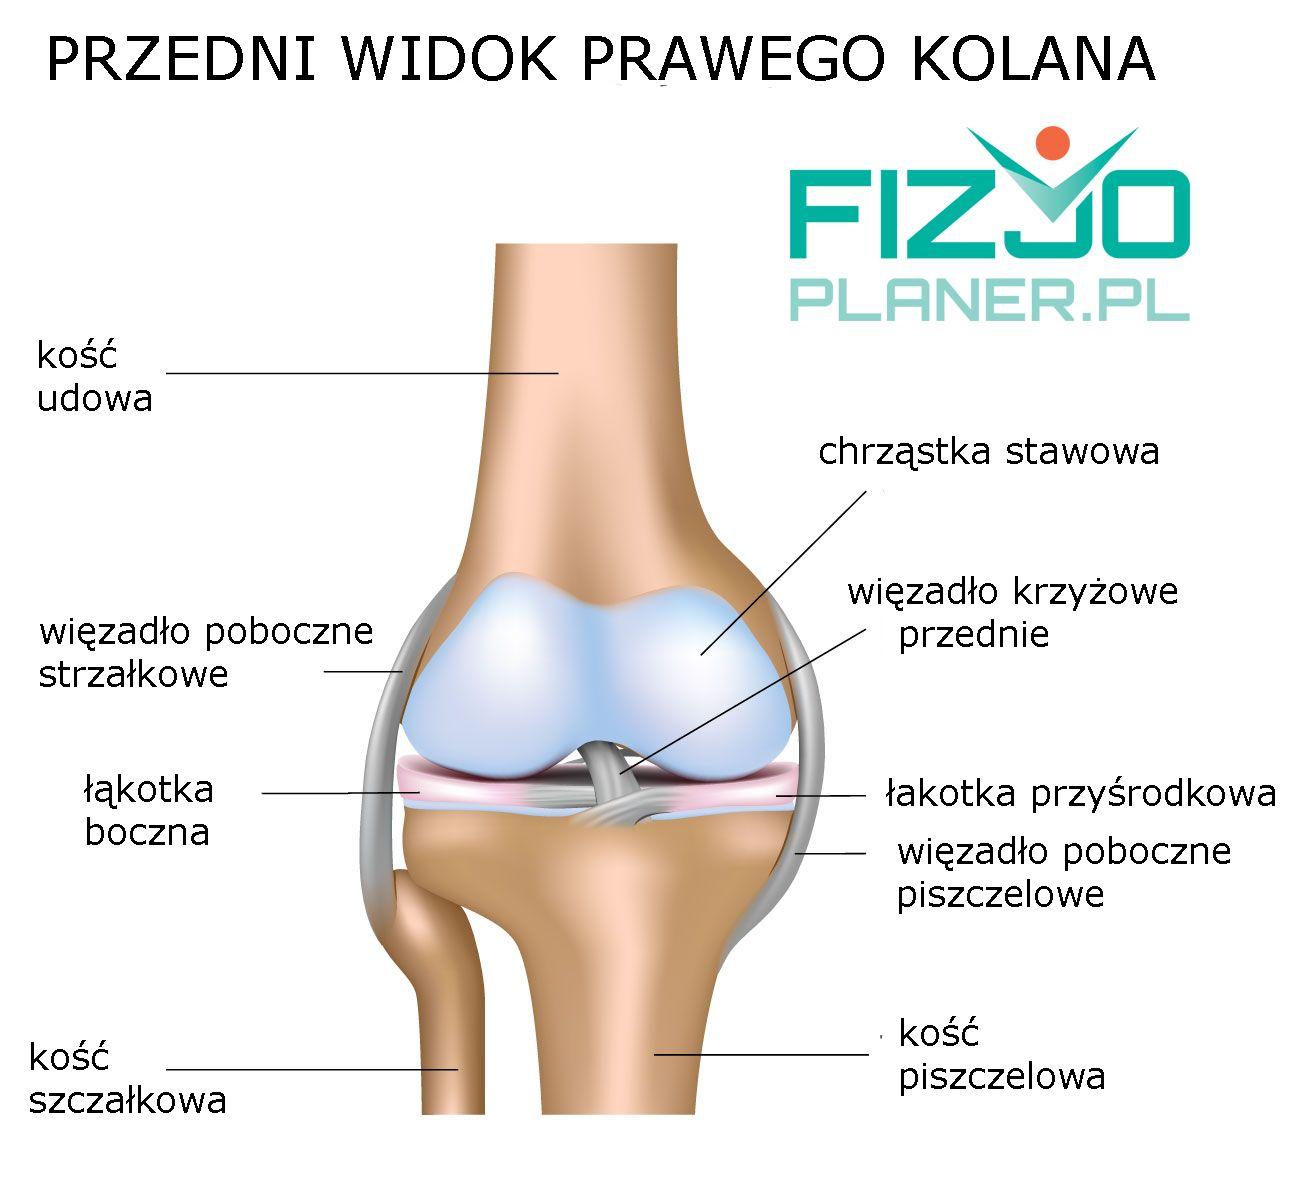 Anatomia stawu kolanowego